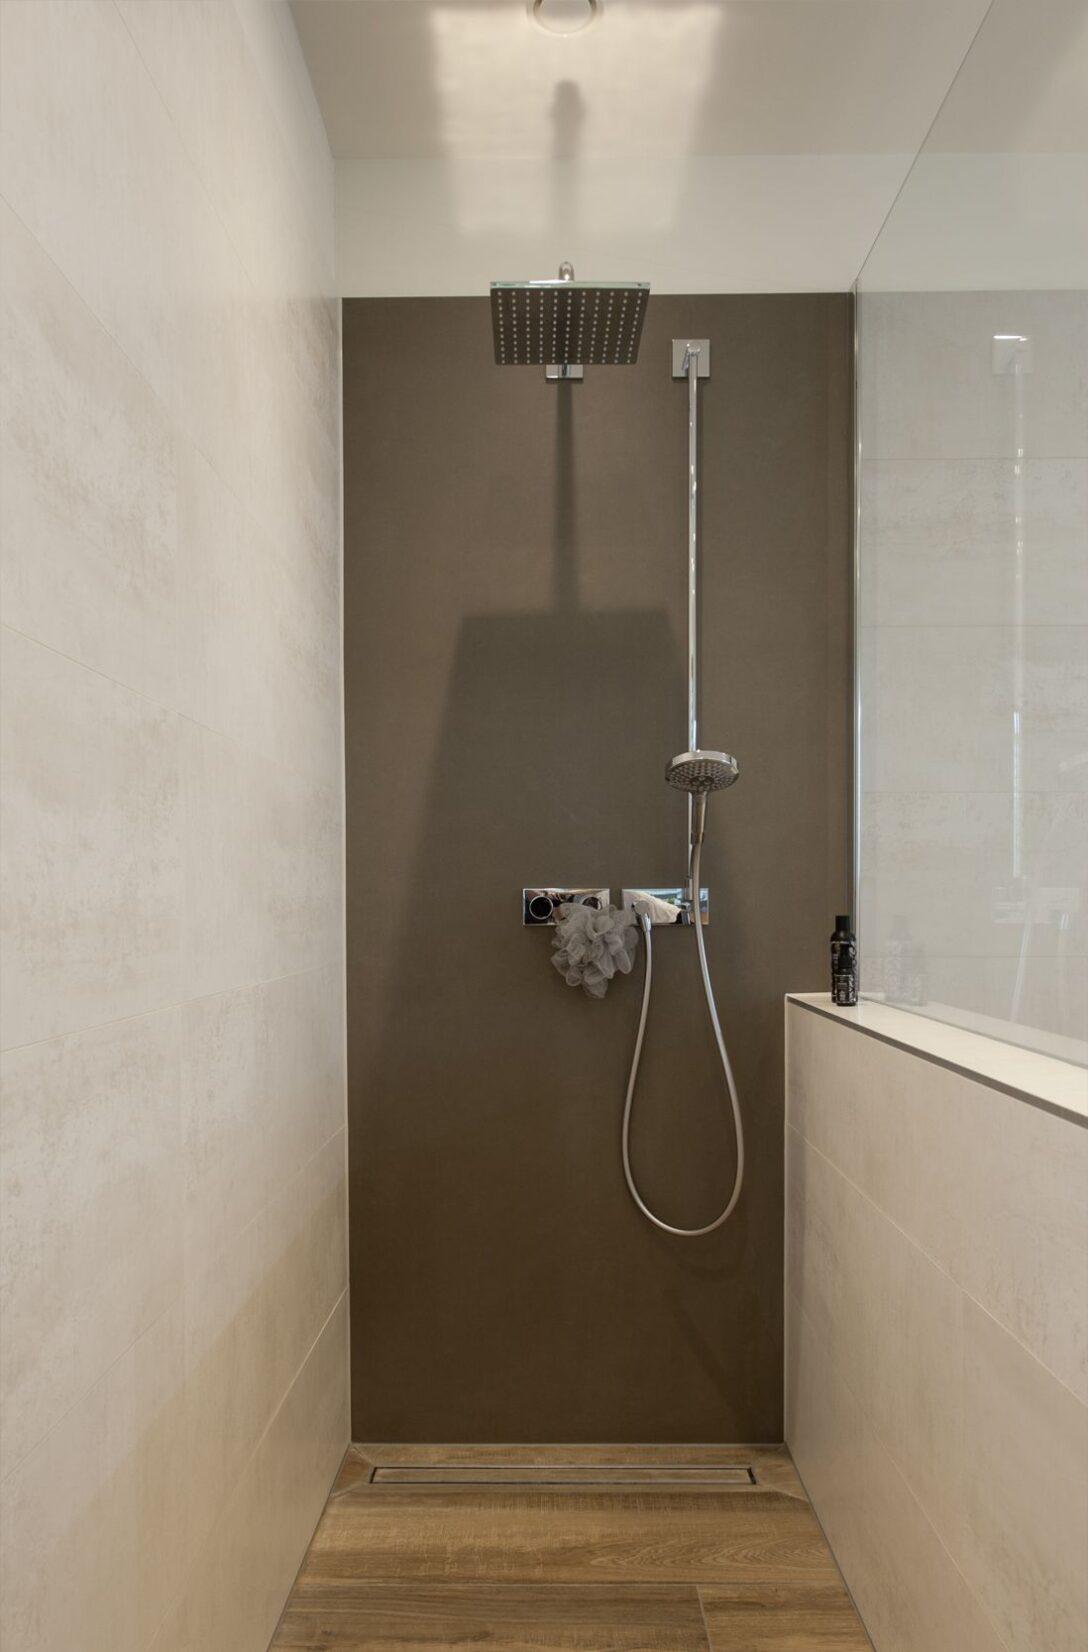 Large Size of Dusche 80x80 Kaufen Badewanne Mit Tür Und Glastür Bodengleiche Fliesen Eckeinstieg Bluetooth Lautsprecher Kleine Bäder Bodenebene Siphon Abfluss Dusche Begehbare Dusche